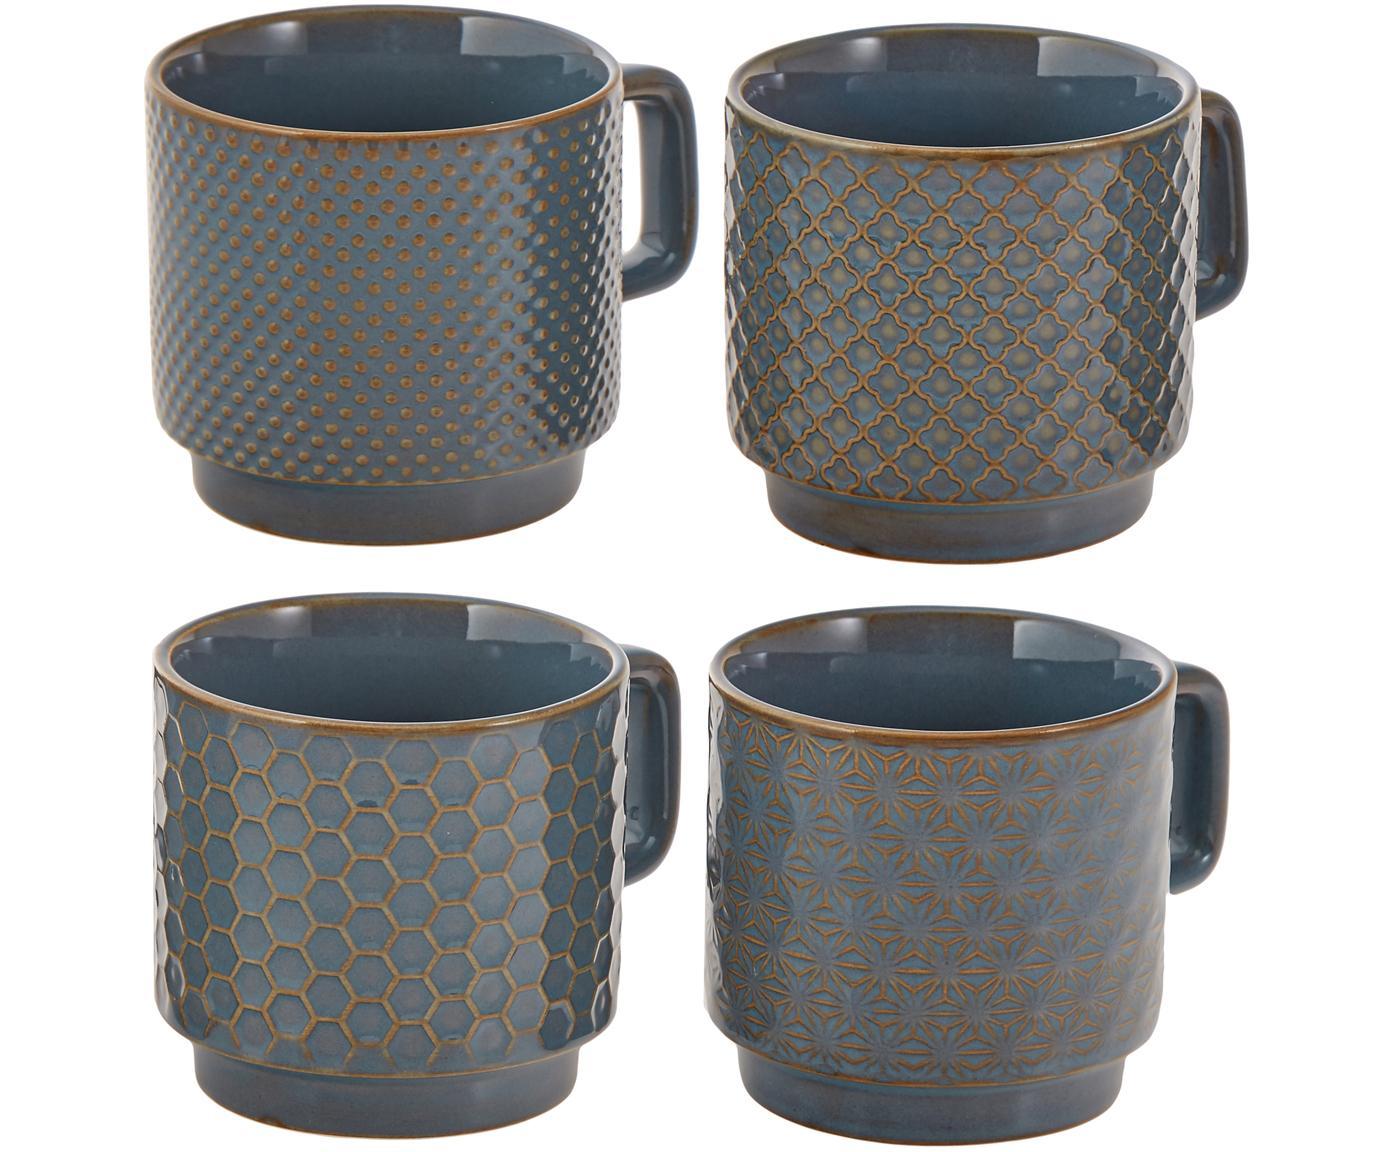 Tazas Lara, 4uds., Gres, Gris azulado, marrón, Ø 8 x Al 8 cm